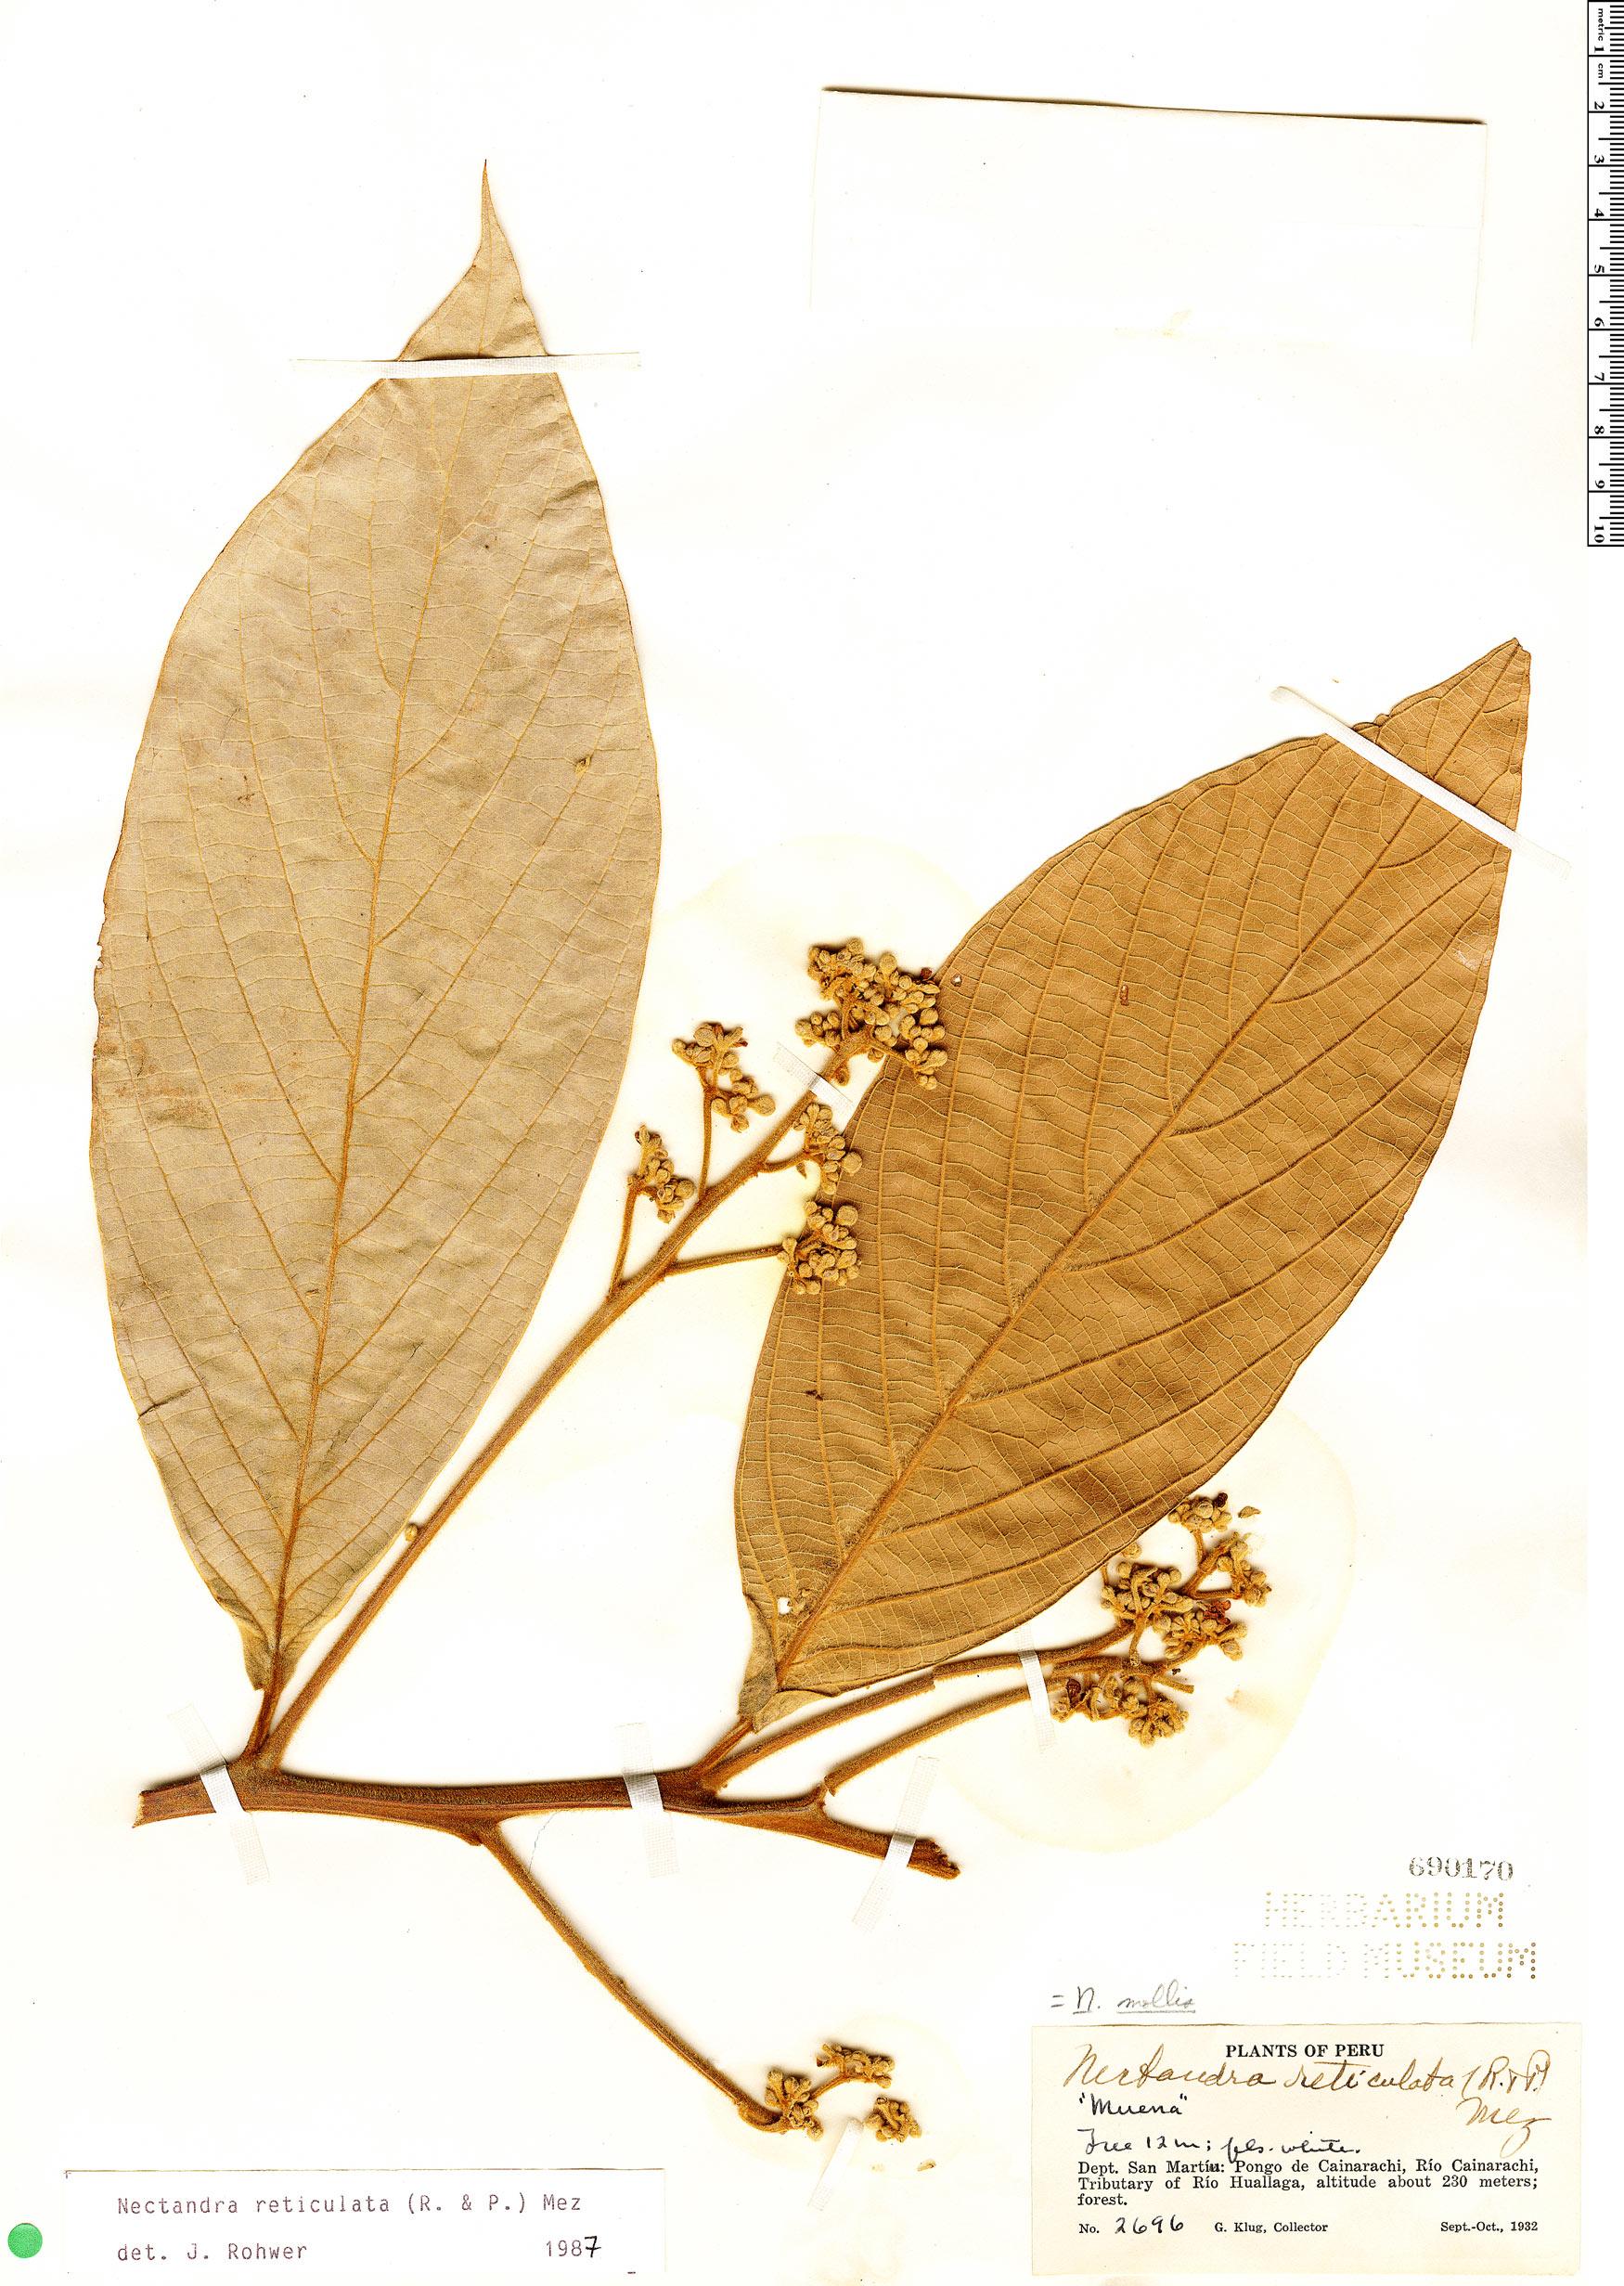 Specimen: Nectandra reticulata